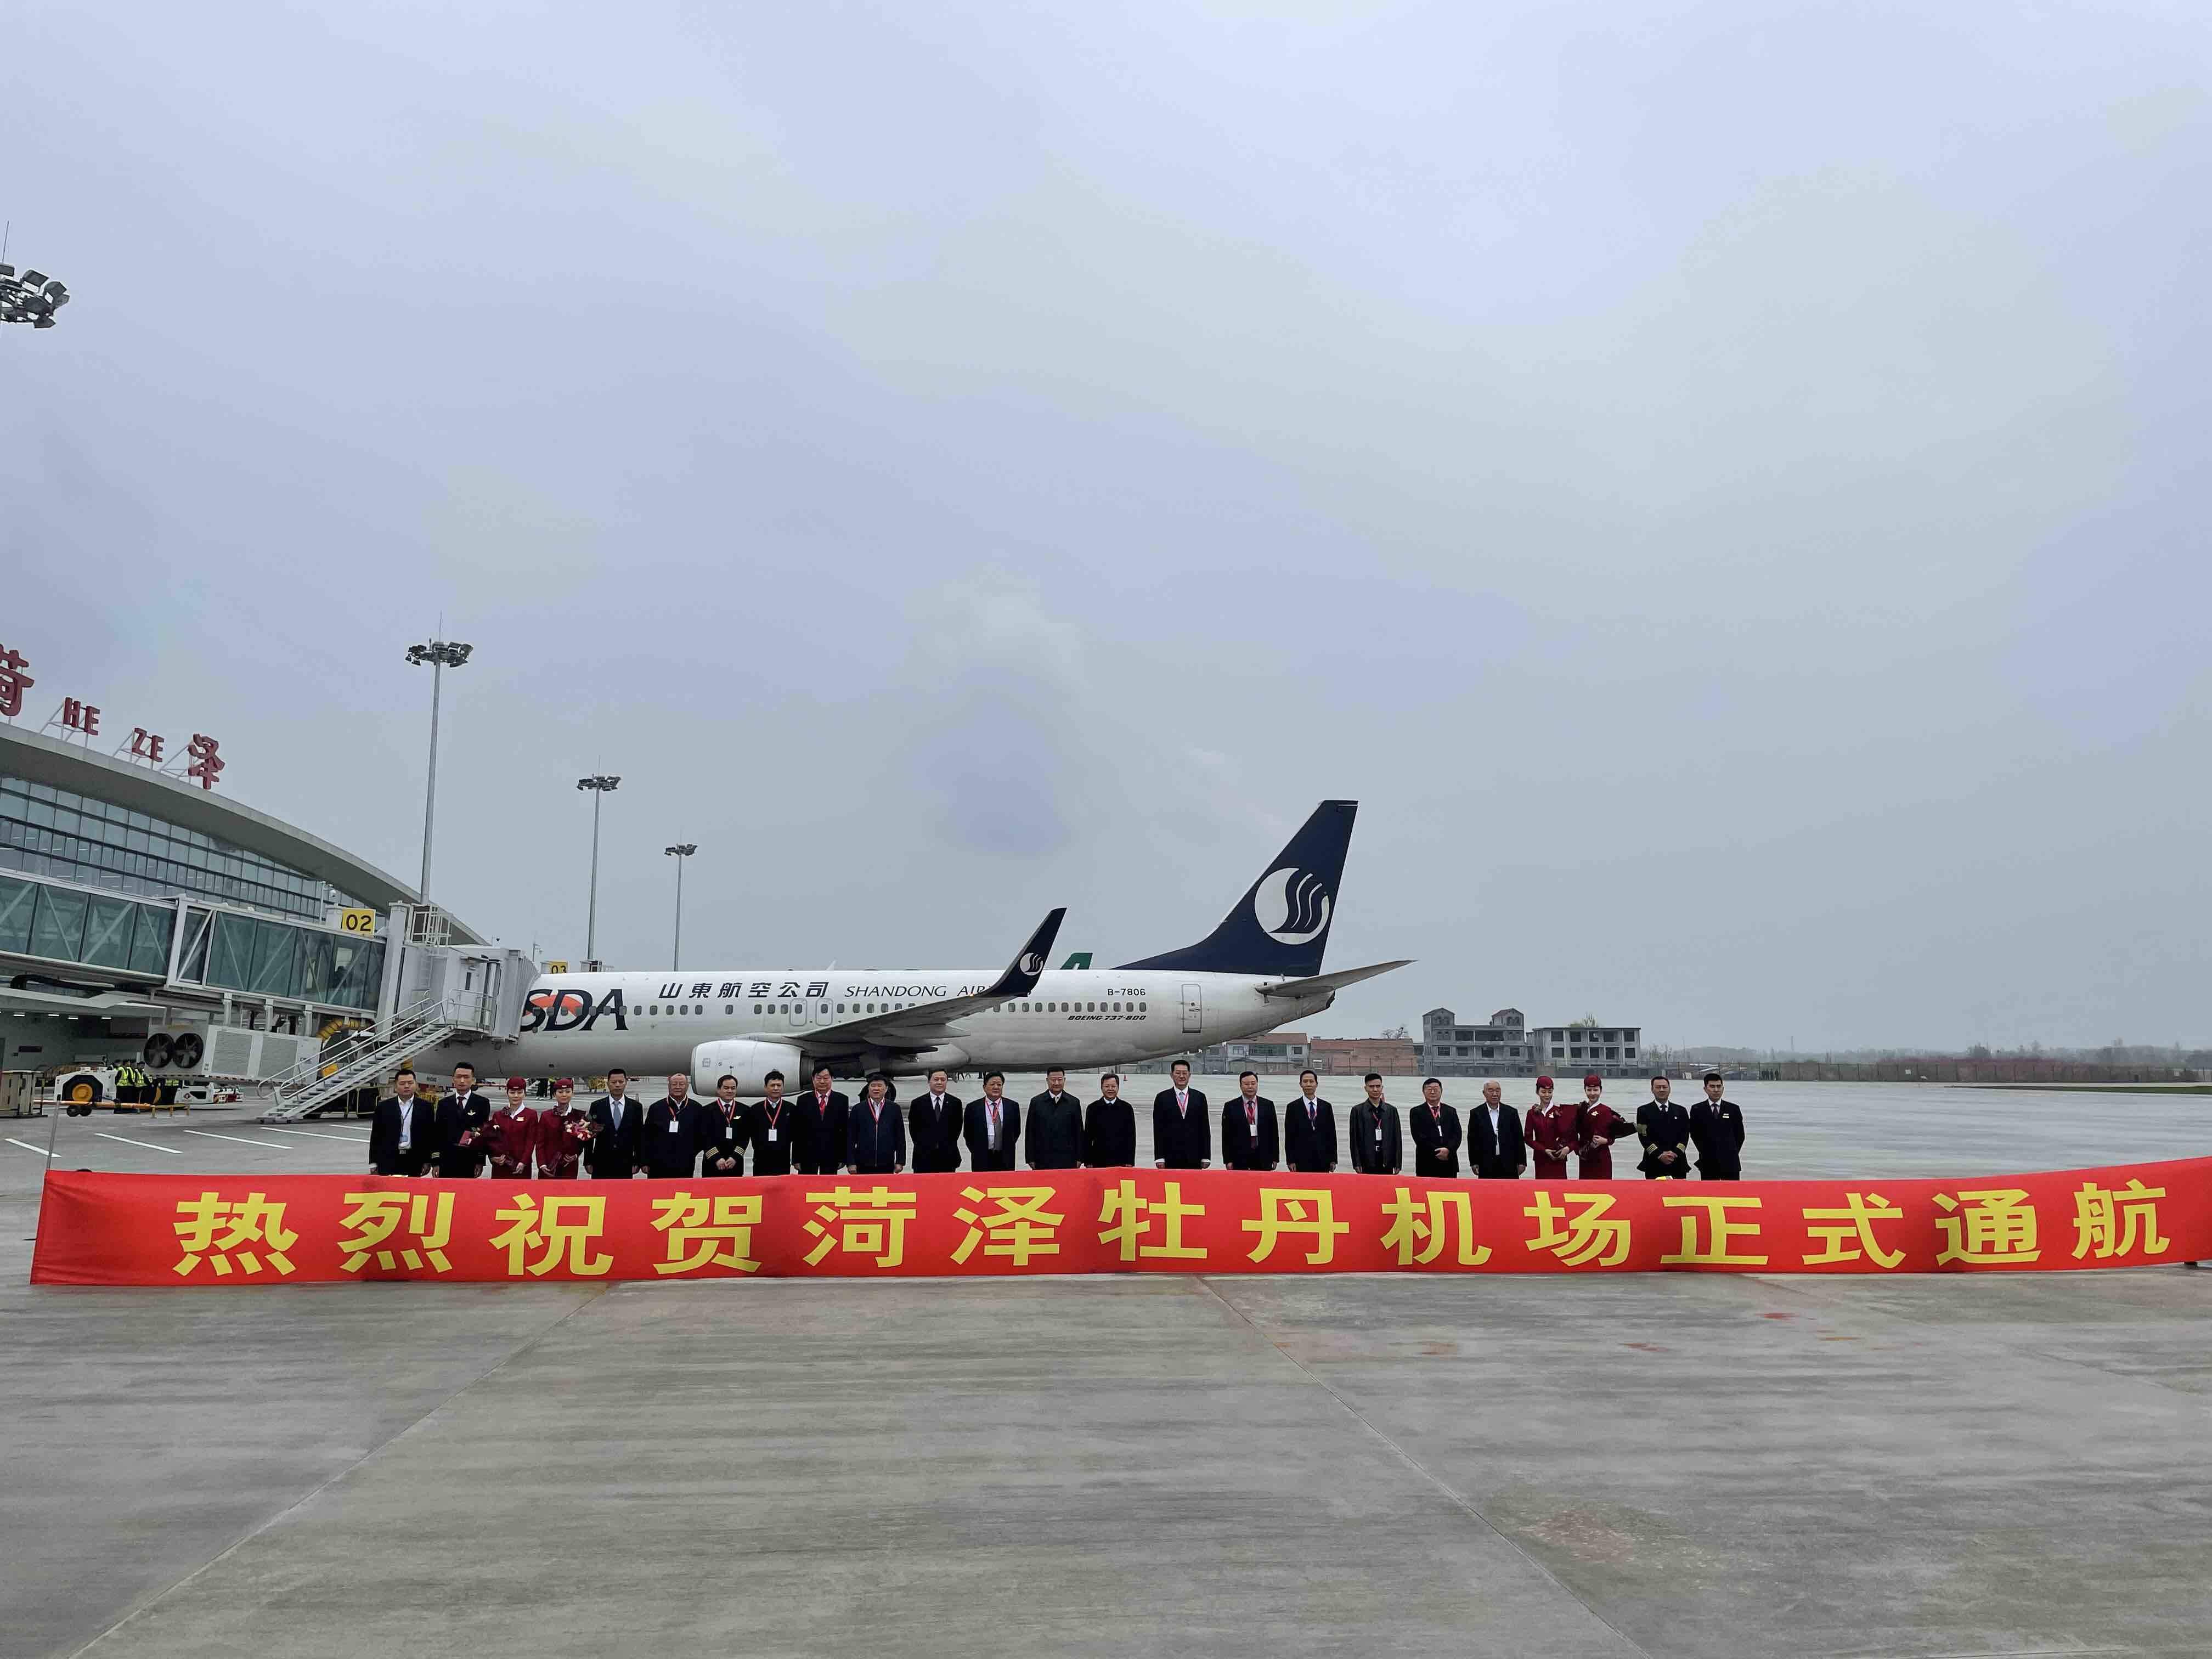 """刚刚!菏泽牡丹机场正式通航 山航飞机成""""首位客人"""" 首航将飞西安"""